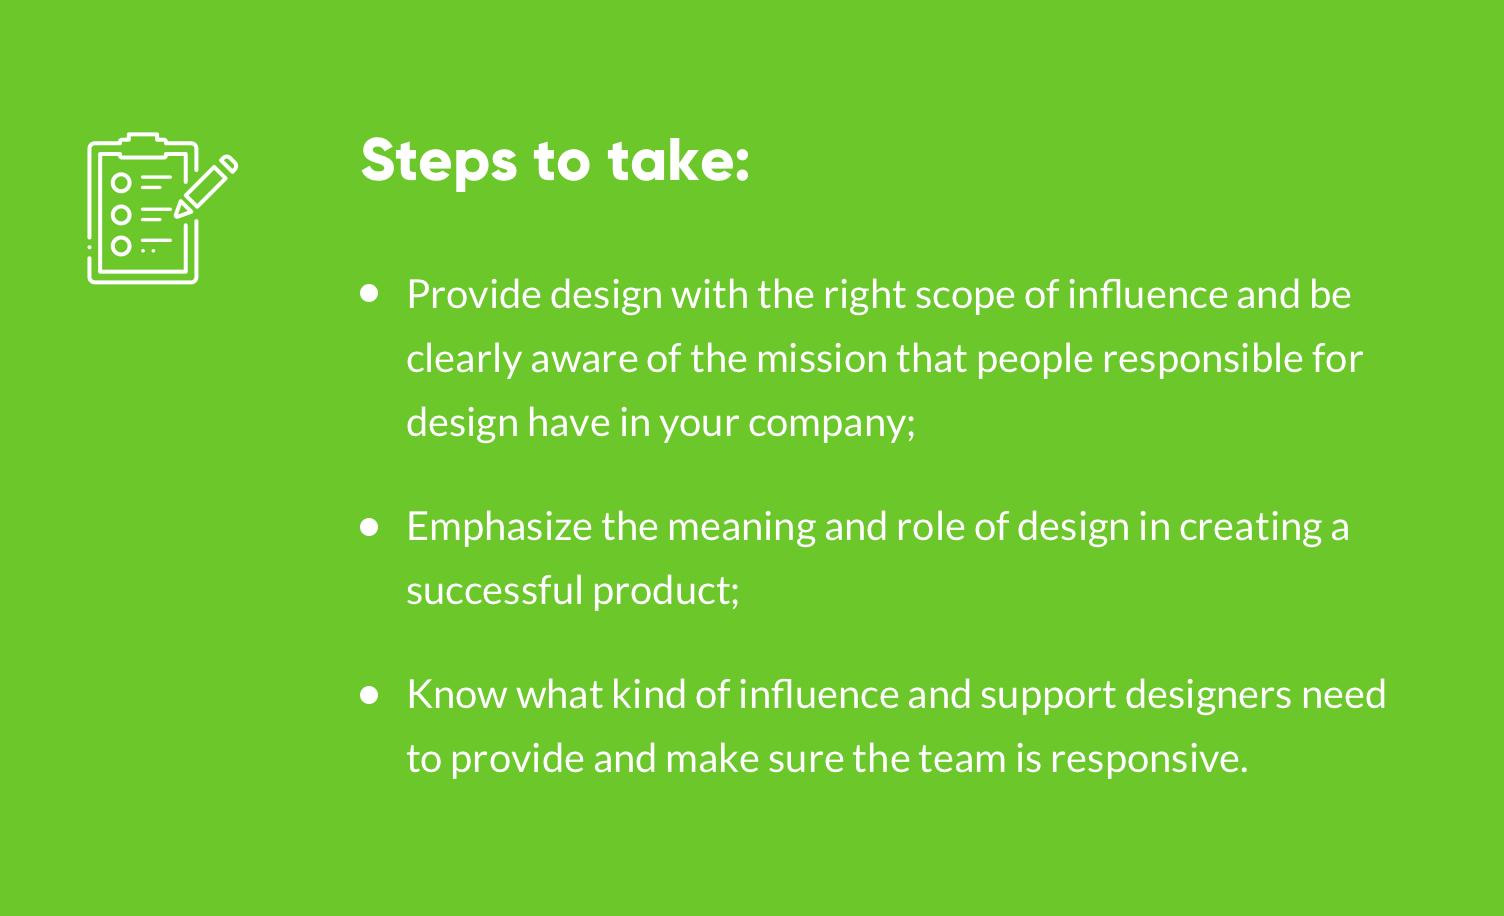 ux-design-for-banking-uxda-methodology-6-S.jpg